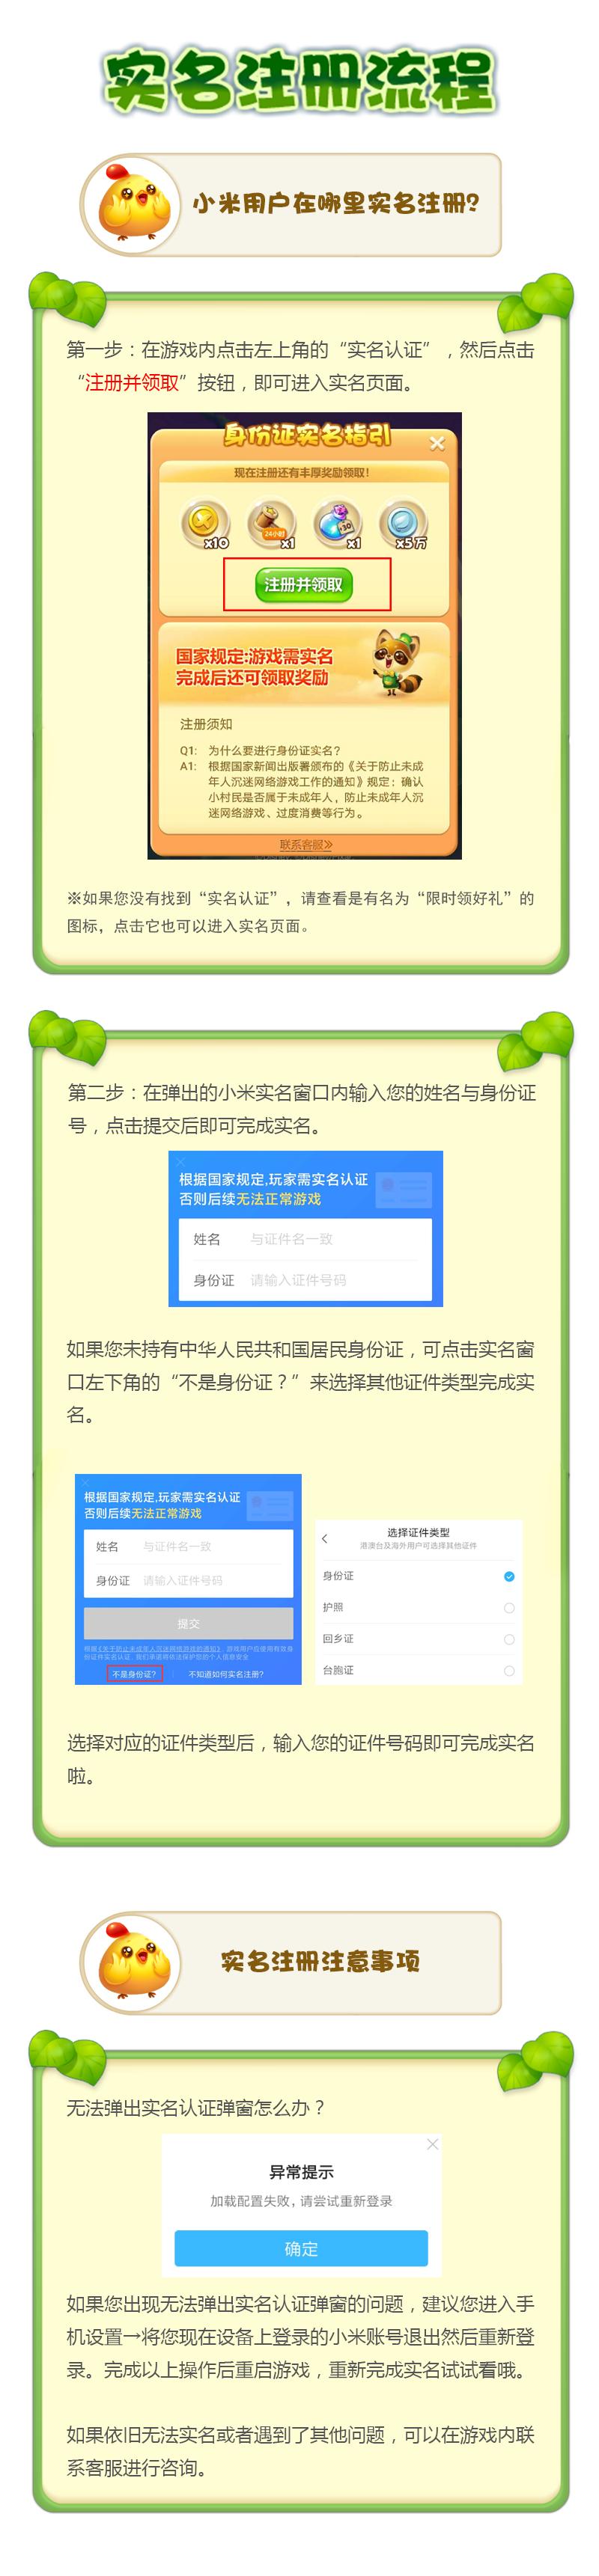 实名注册流程(小米).png